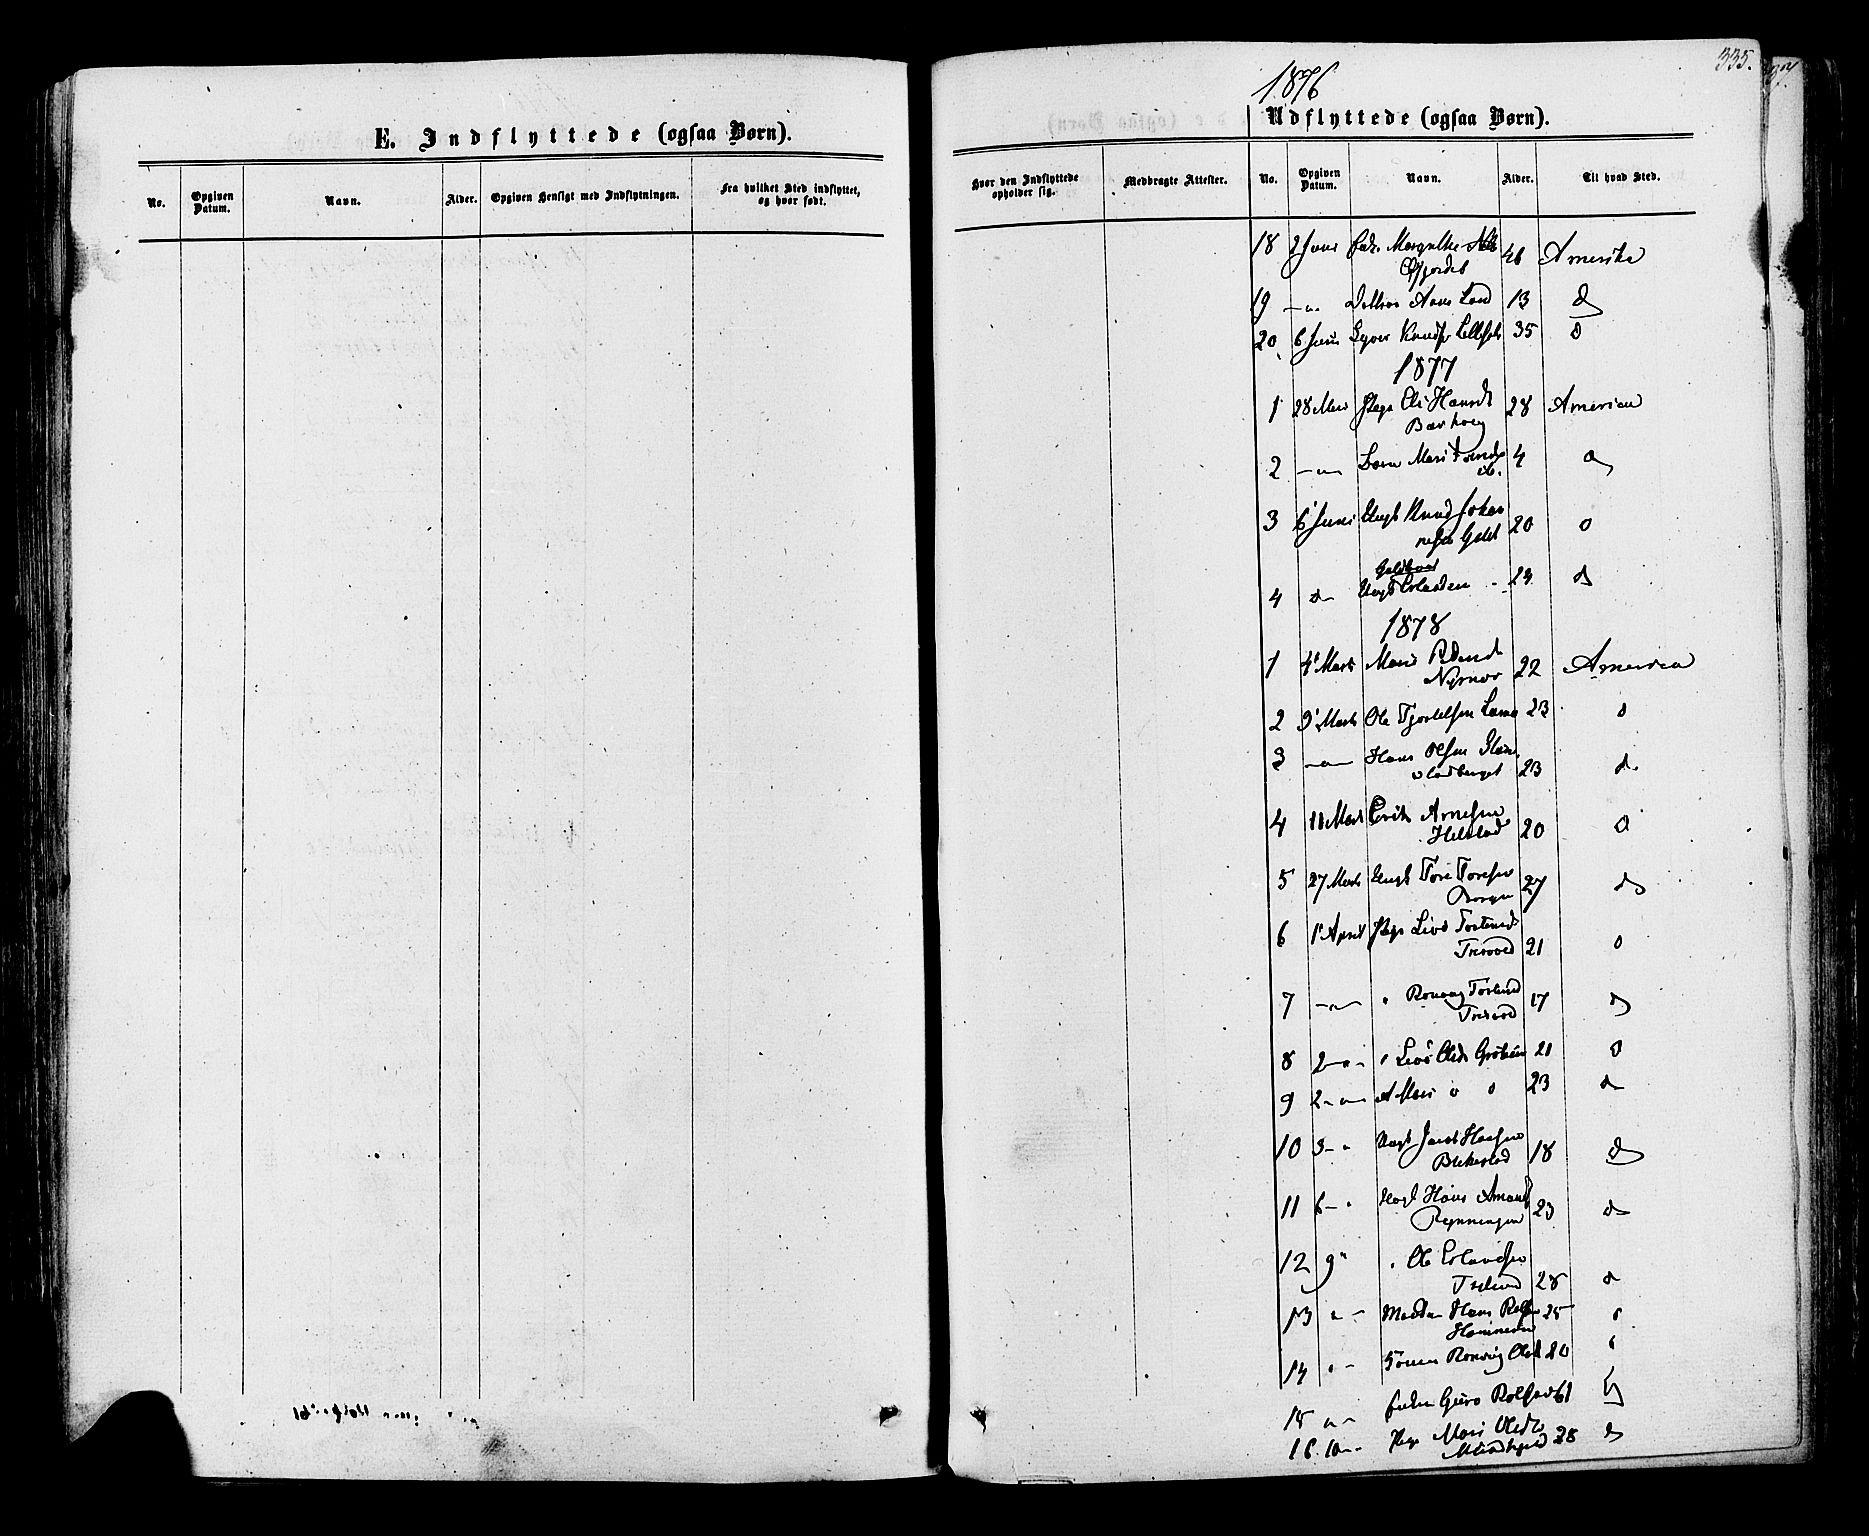 SAH, Lom prestekontor, K/L0007: Ministerialbok nr. 7, 1863-1884, s. 335